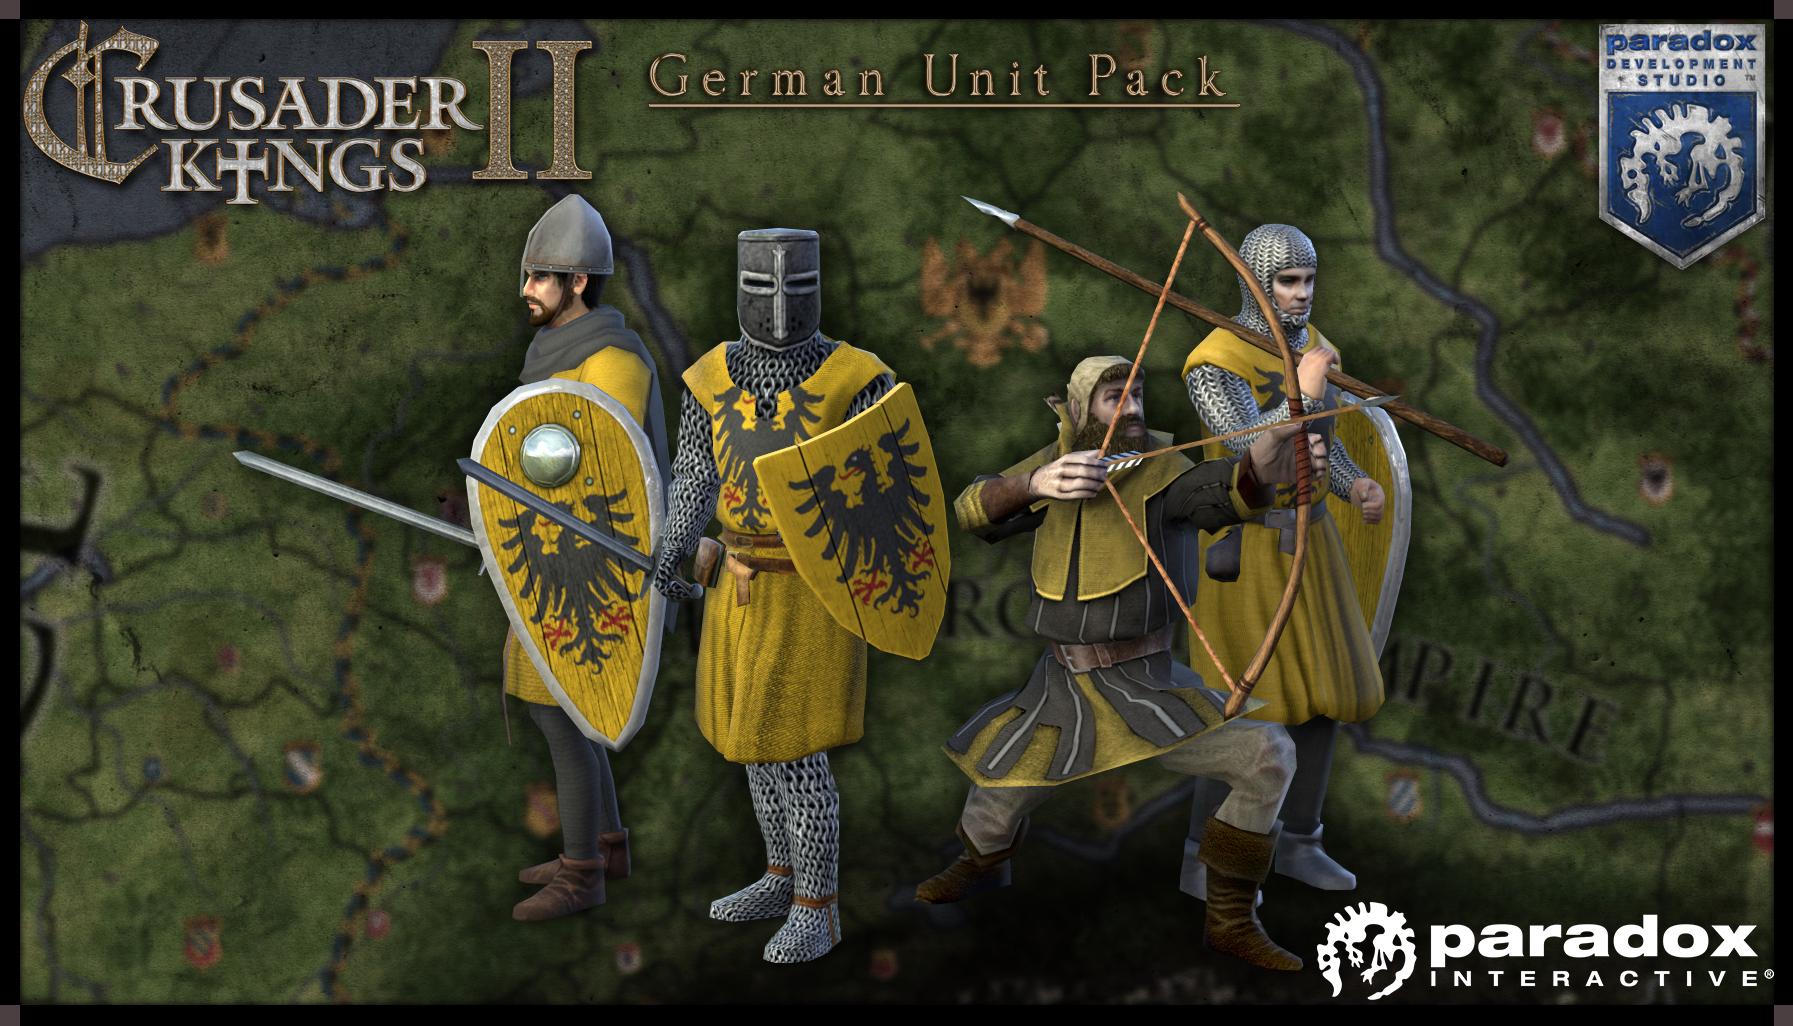 Crusader Kings 2 is released.